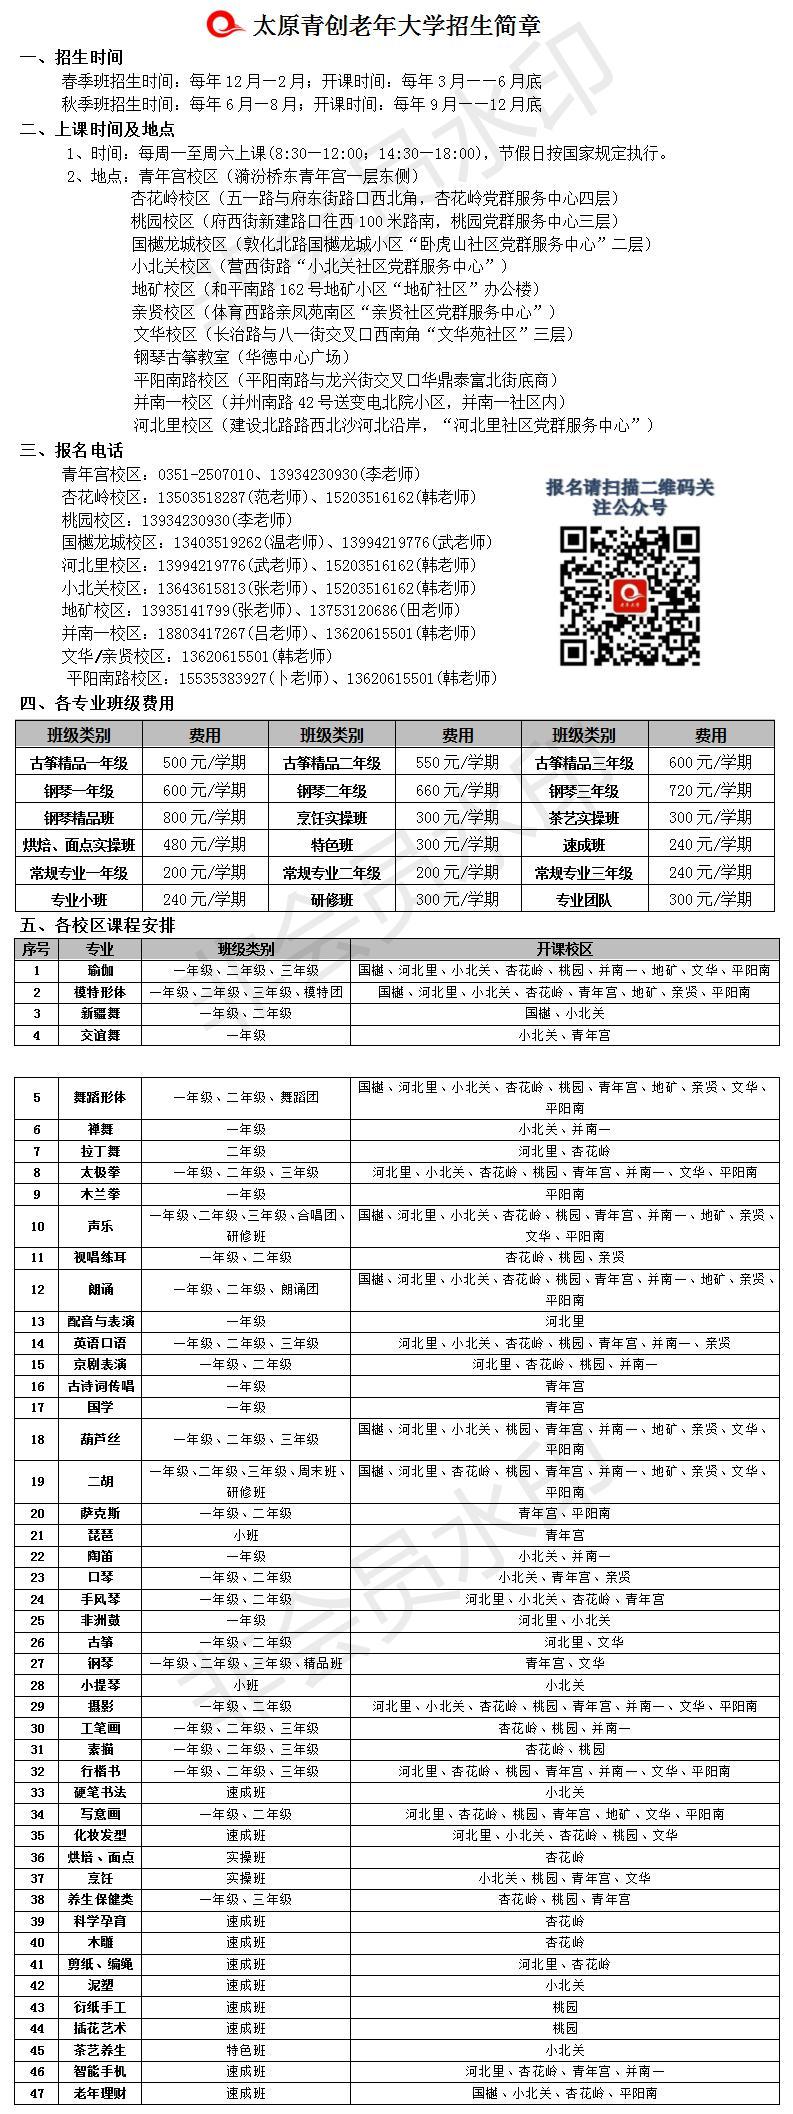 太原青創老年大學2021年春季班招生簡.jpg